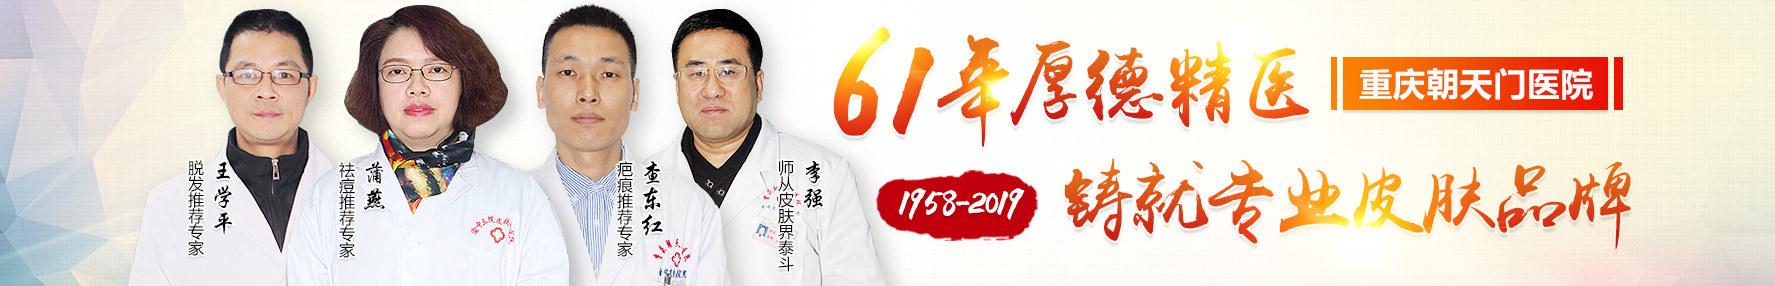 重庆皮肤病专科医院